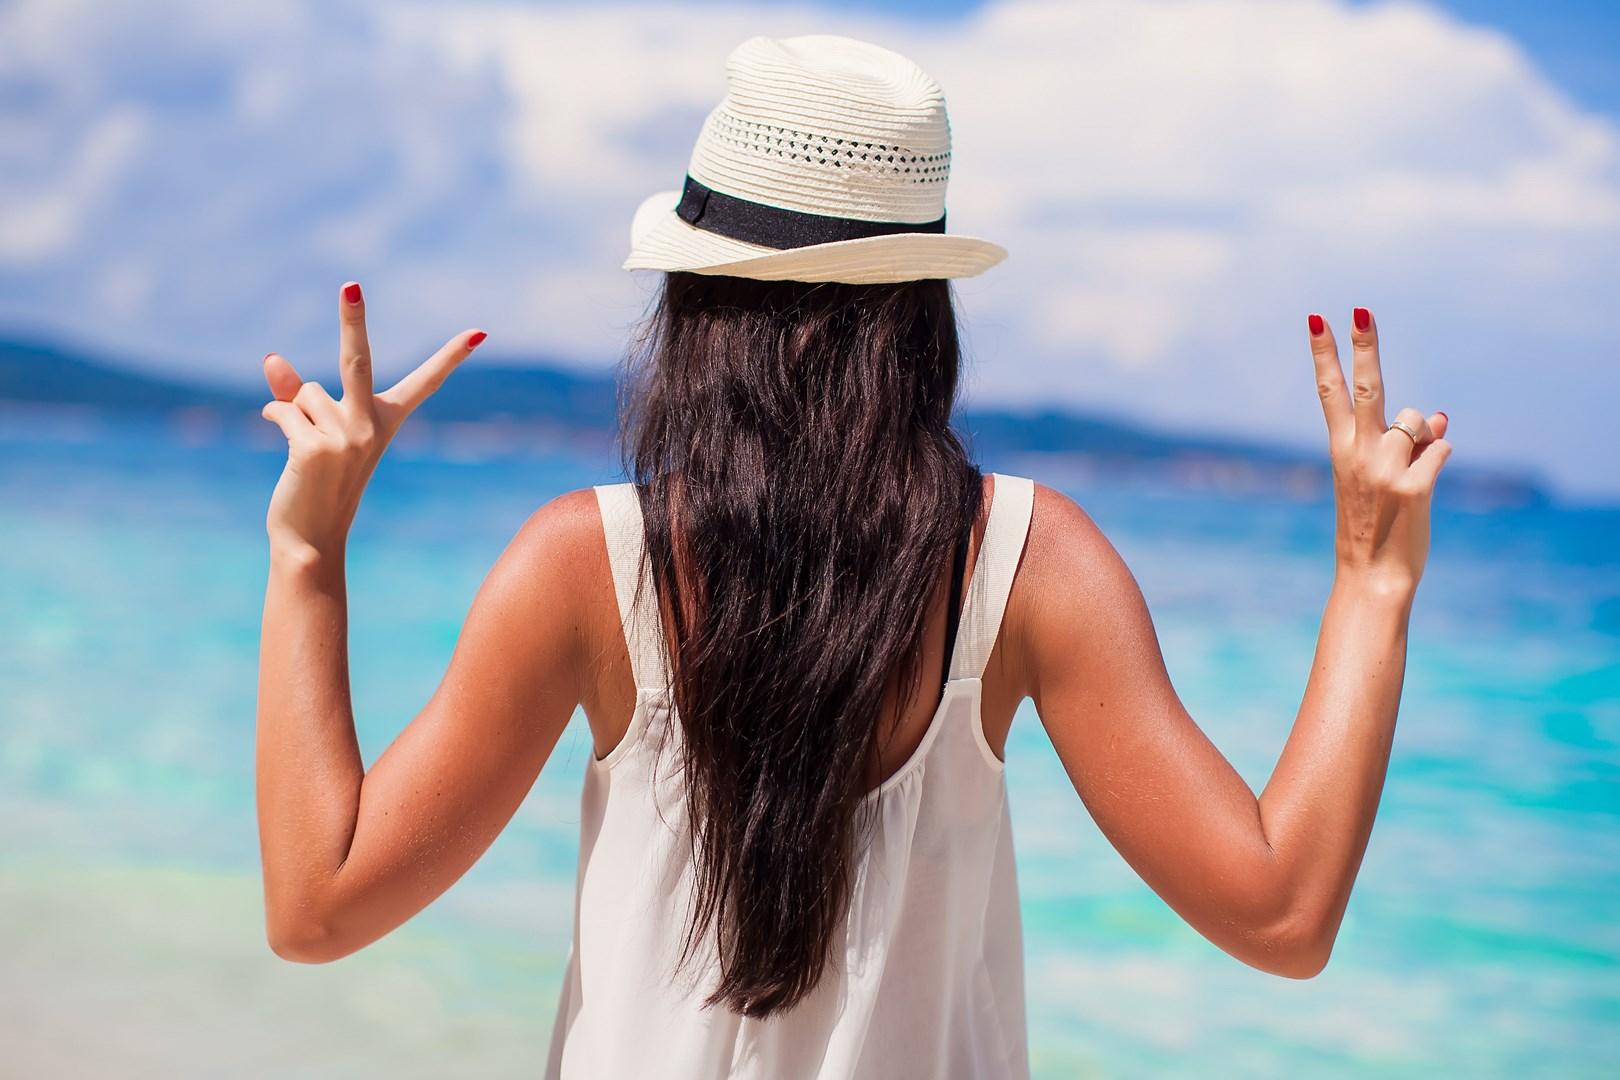 האי בורקאי - גן עדן עלי אדמות